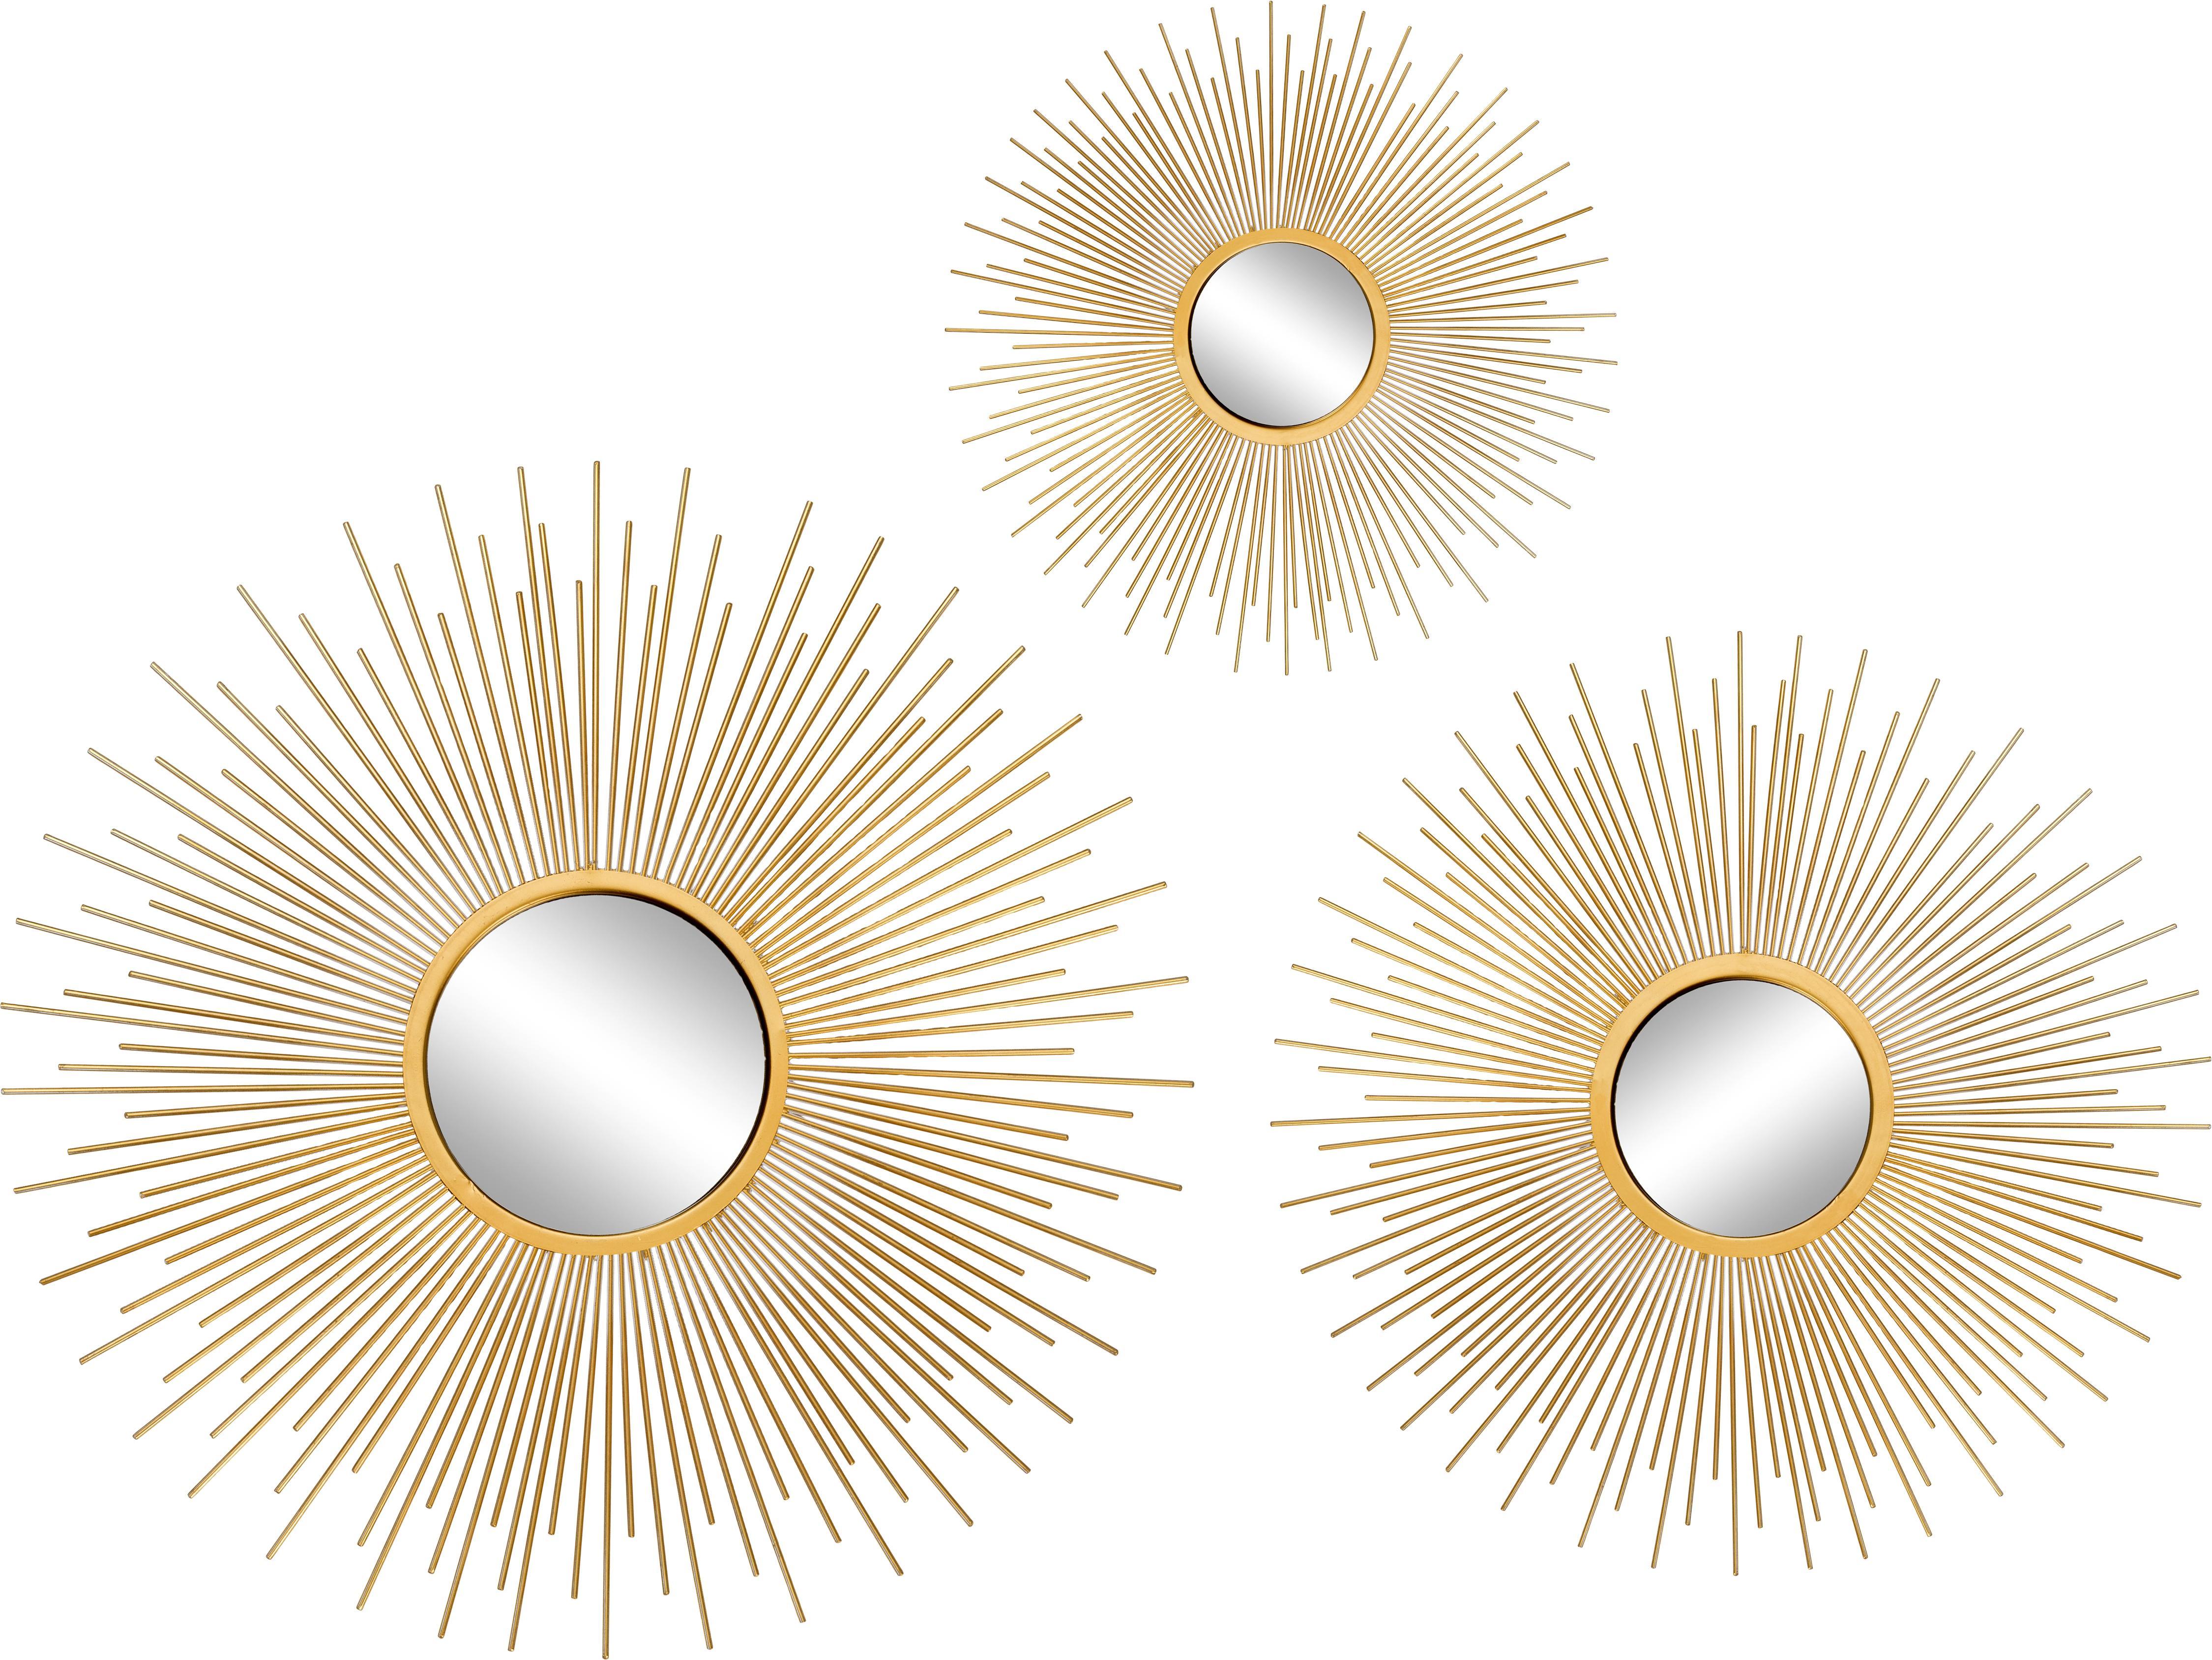 Wandspiegelsset Sun met goudkleurige lijst, 3-tlg, Lijst: gecoat aluminium, Goudkleurig, Verschillende formaten